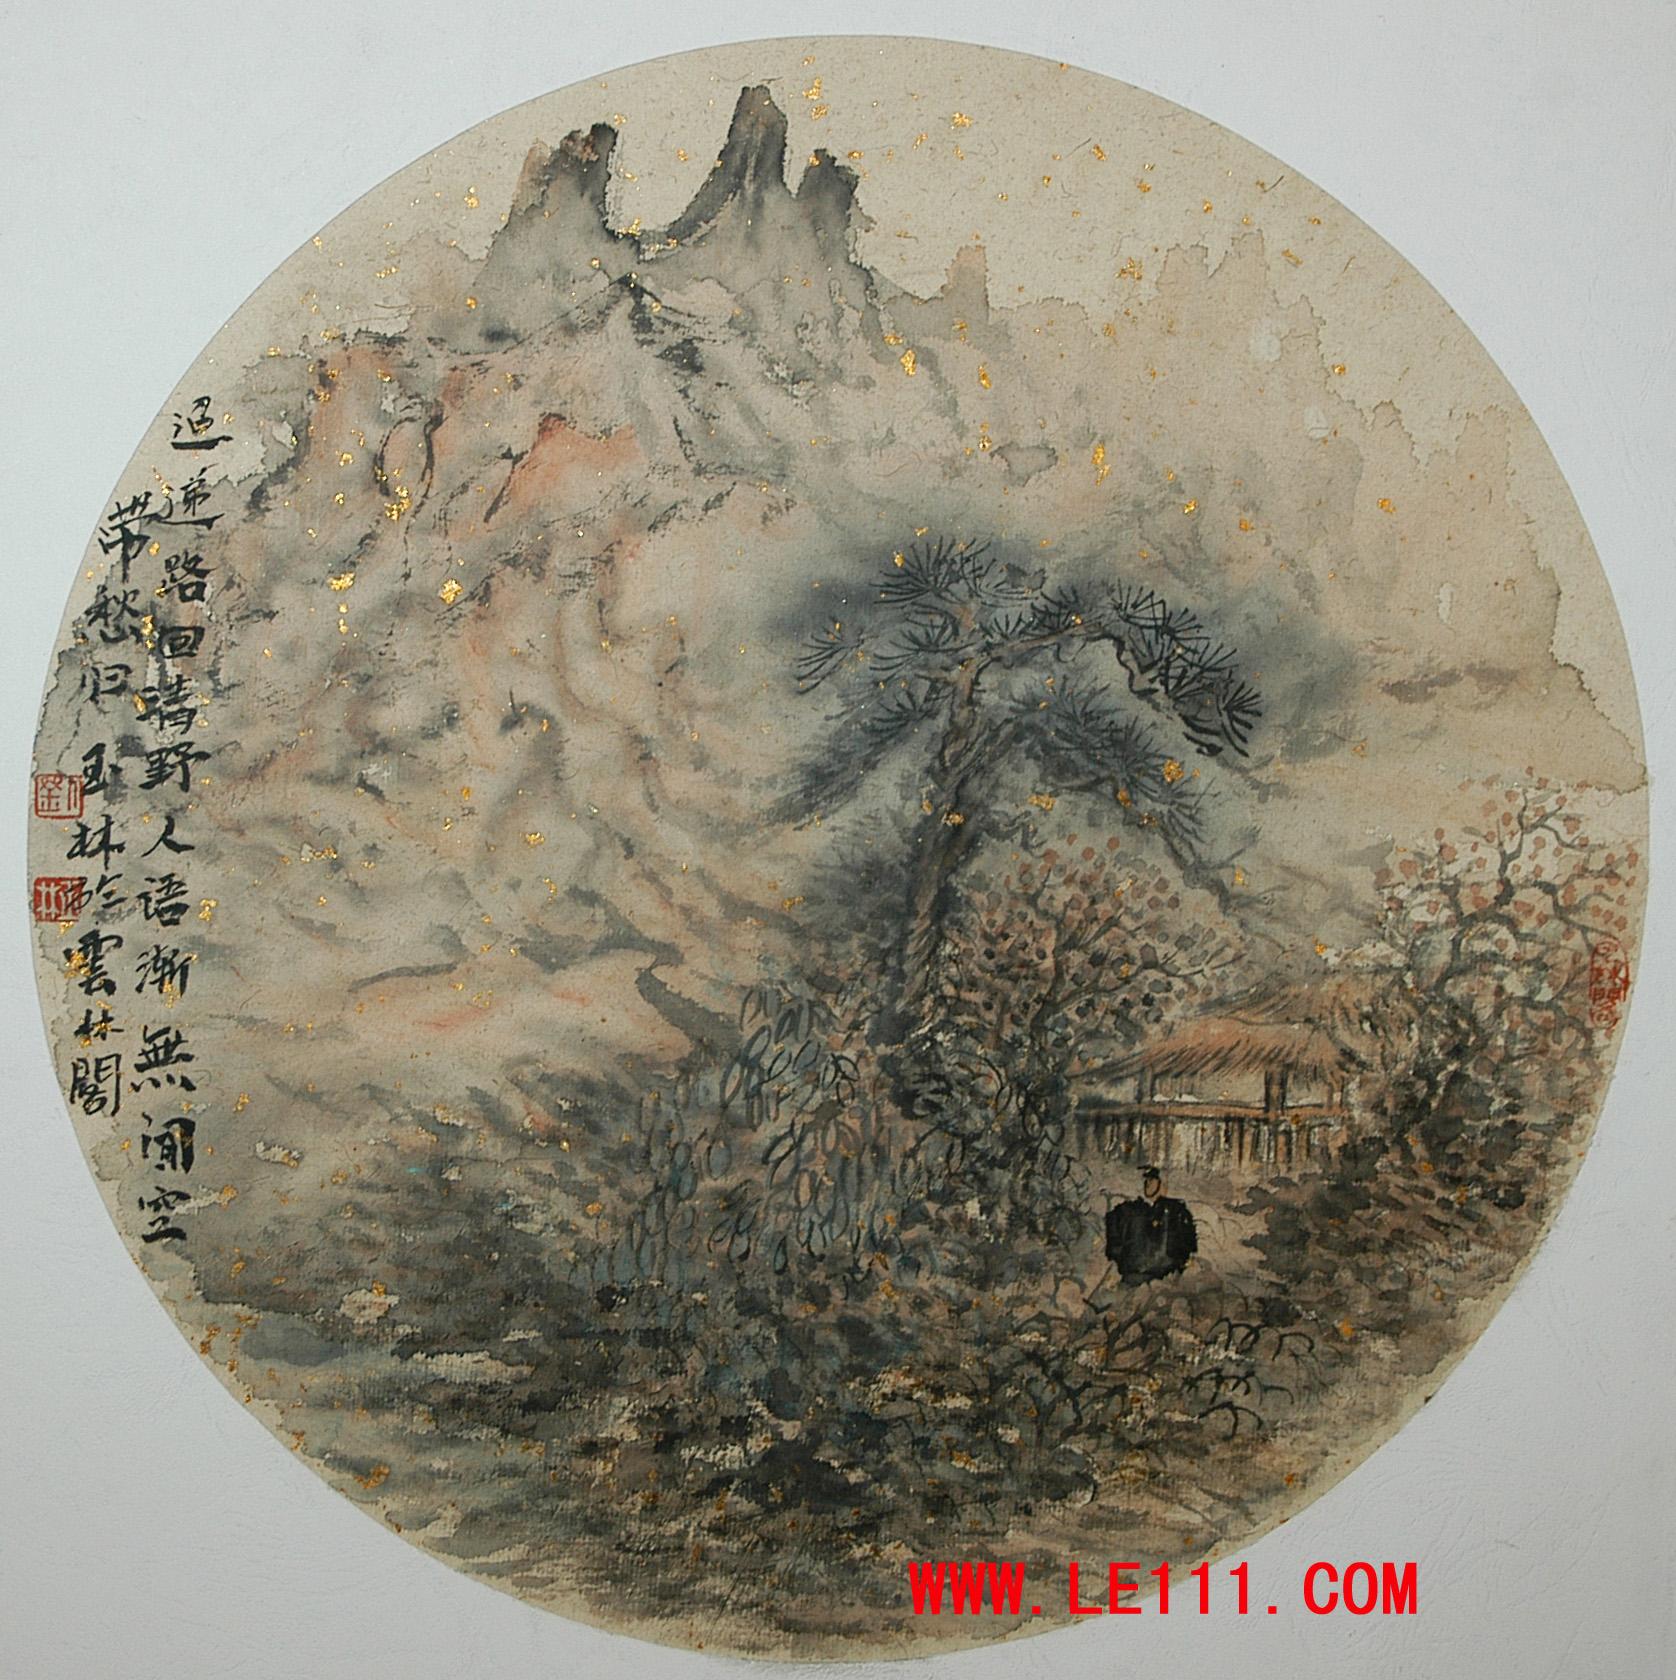 绘画 国画 山水画专长名家刘玉林作品保真鉴赏视频